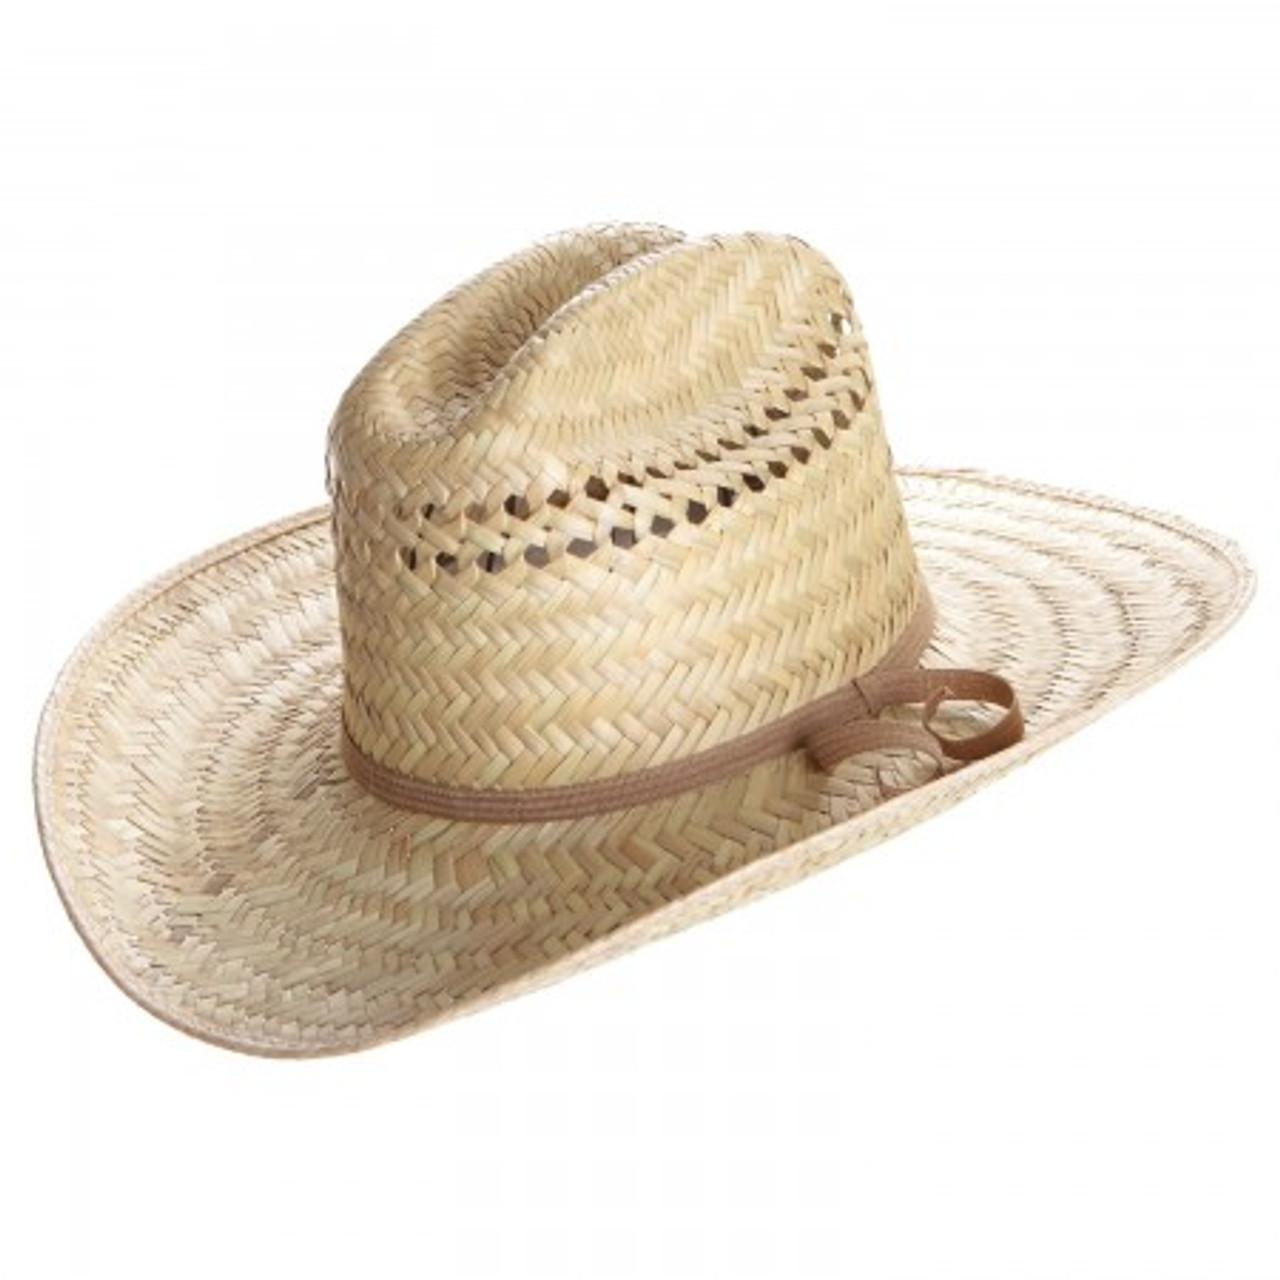 72f1bcb43ad423 Atwood Straw - Old Timer Cowboy Straw Hat - Billy's Western Wear